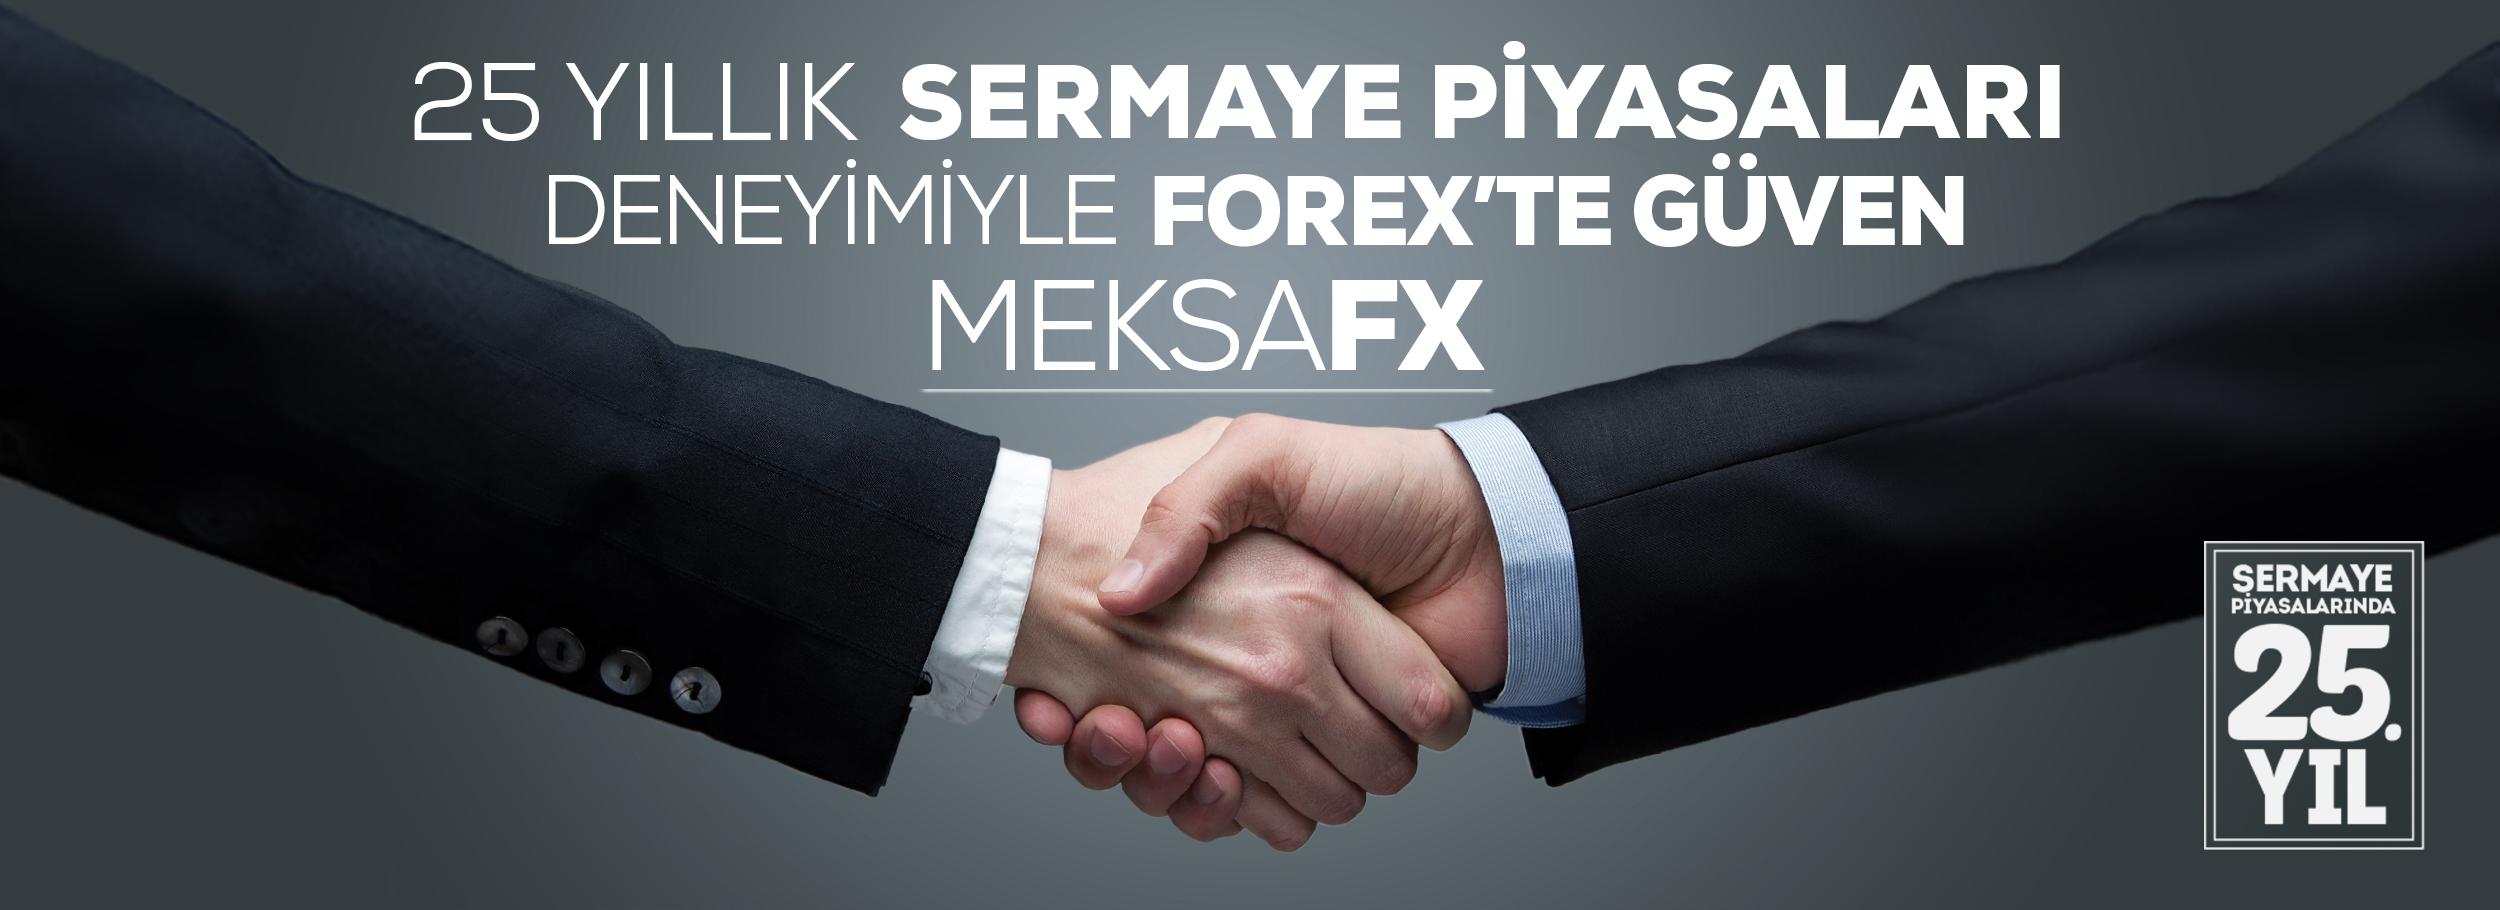 Forex demo hesap giris